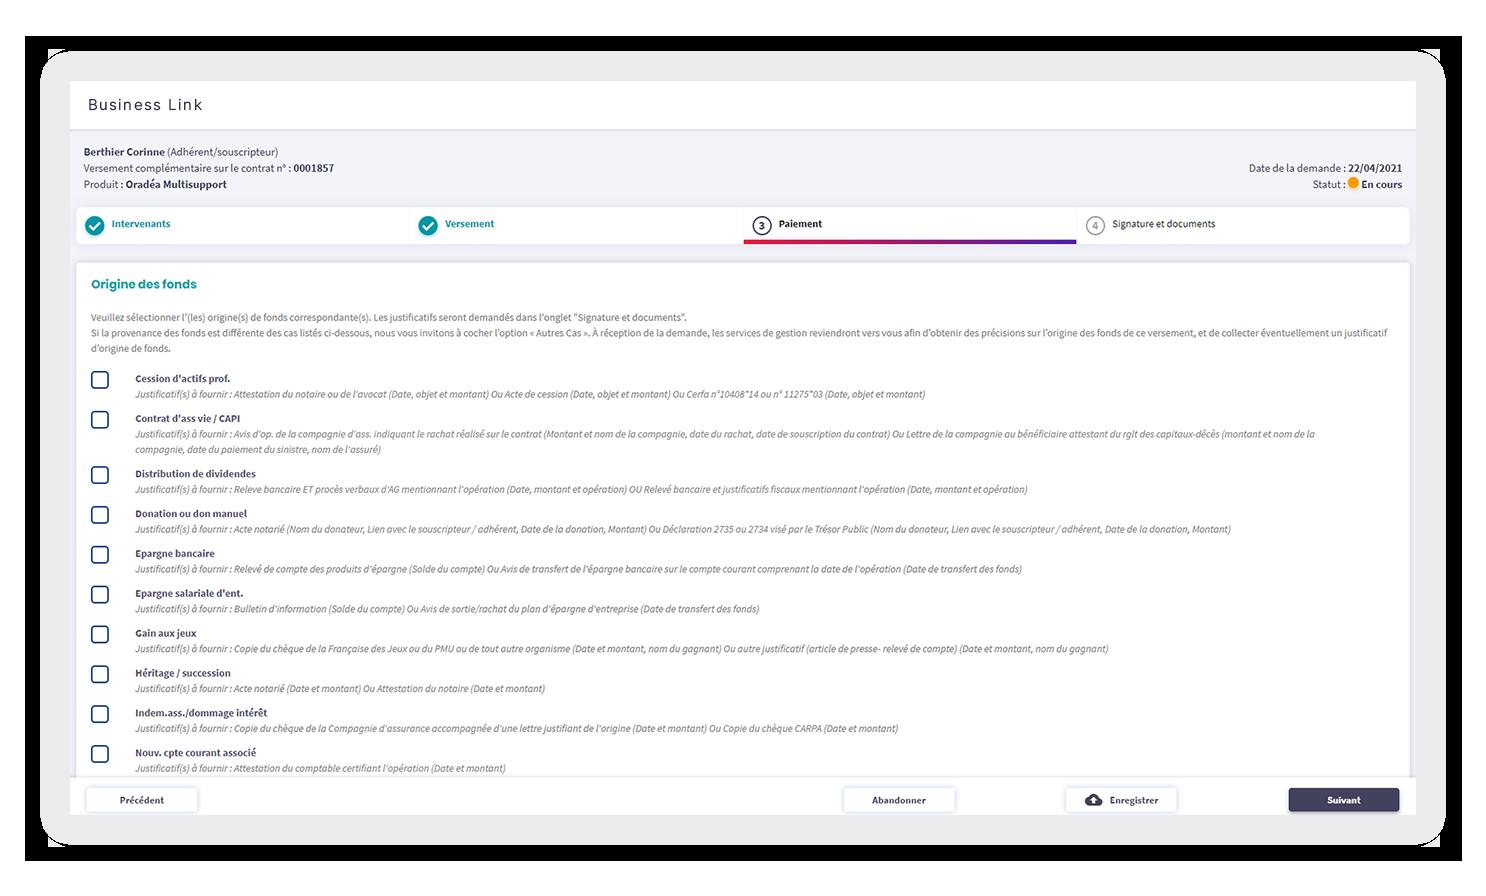 Business Link screenshot